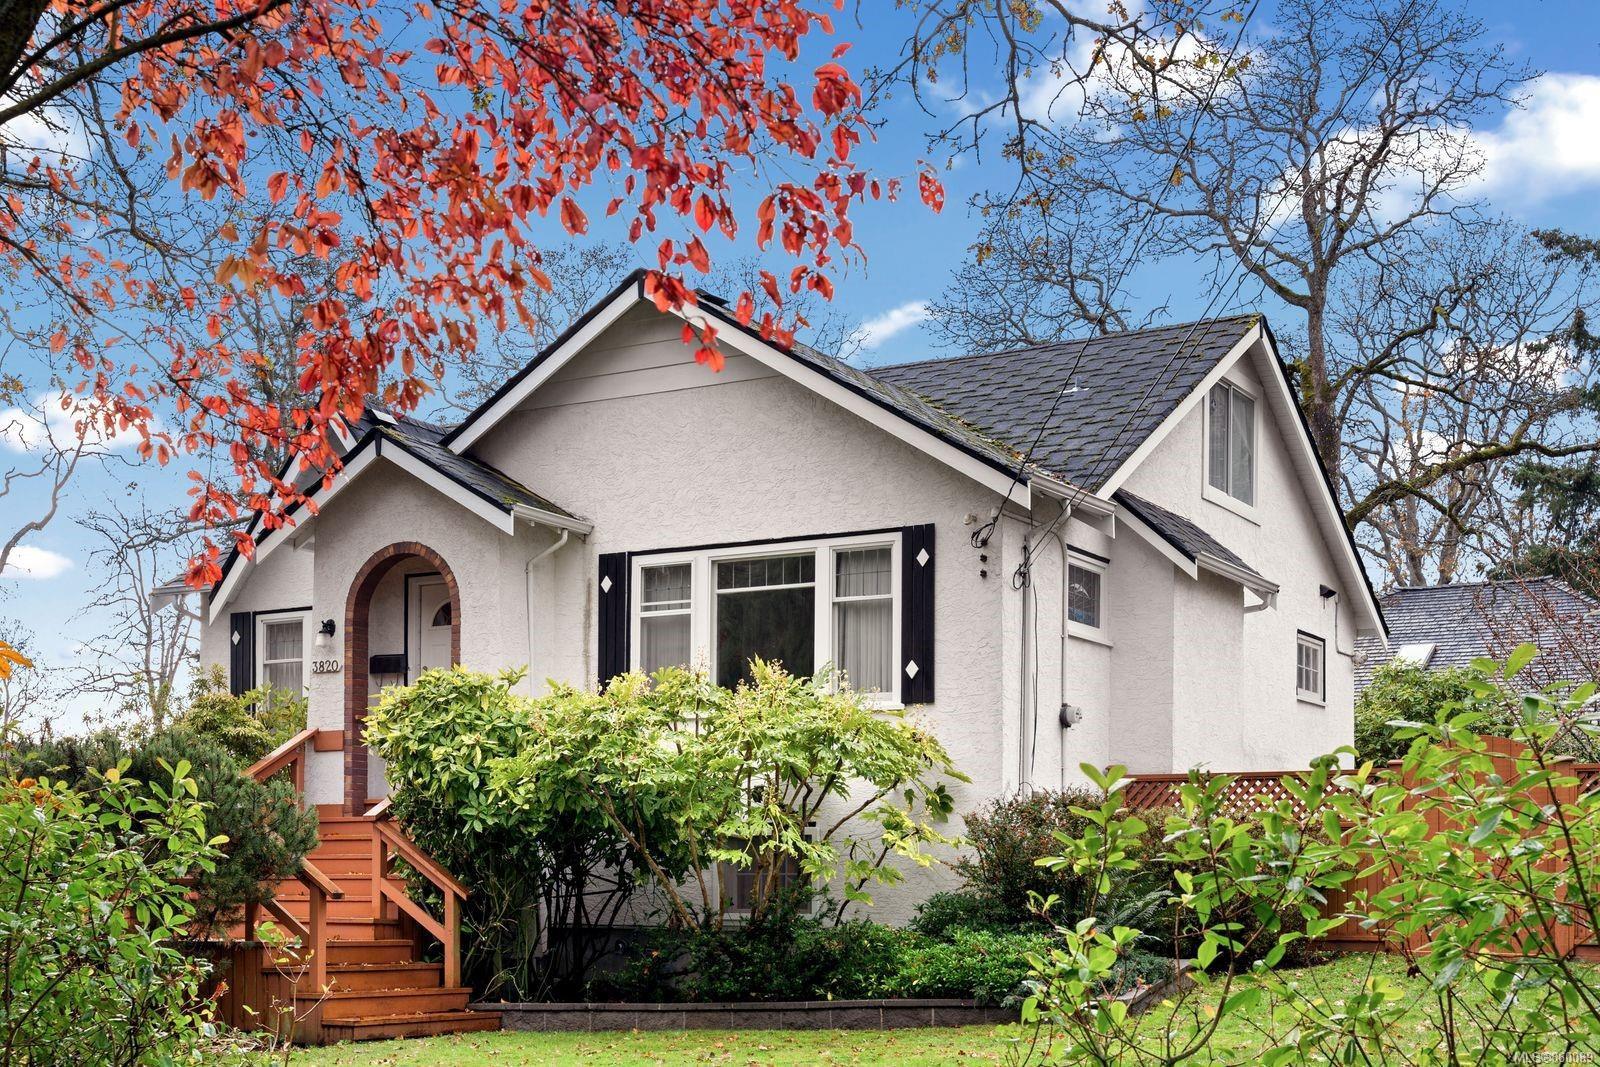 Main Photo: 3820 Blenkinsop Rd in : SE Cedar Hill House for sale (Saanich East)  : MLS®# 860089